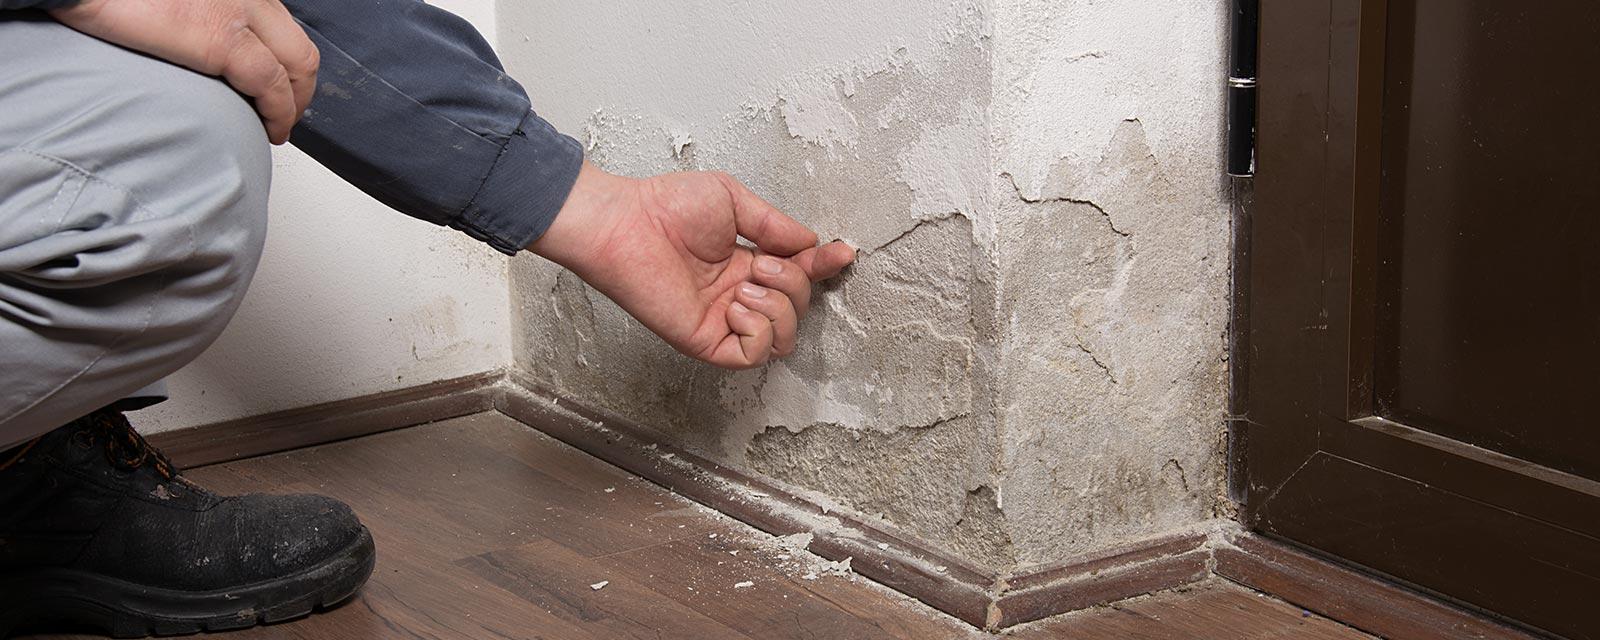 Humidite Qui Remonte Par Le Carrelage comment combattre des murs humides ? | guide artisan